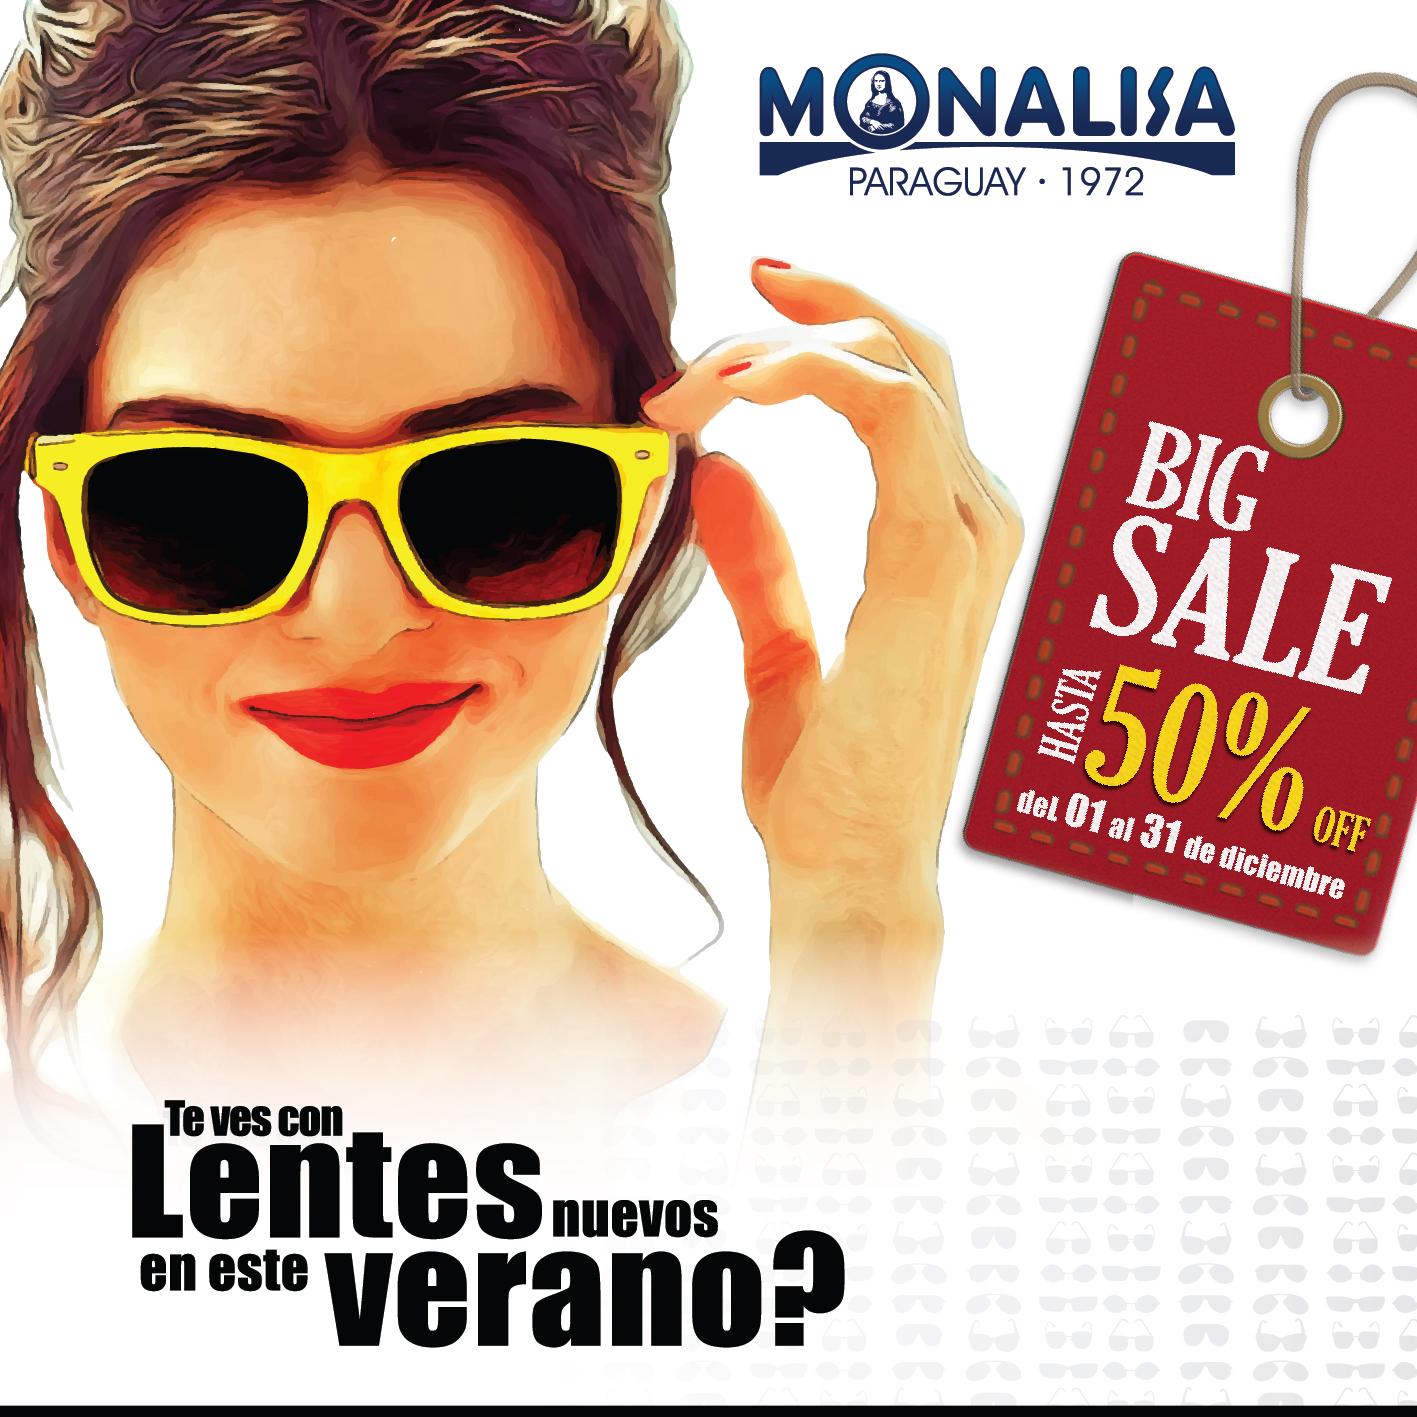 36fe5717e Monalisa realiza grande promoção em óculos de sol - Blog da Loumar